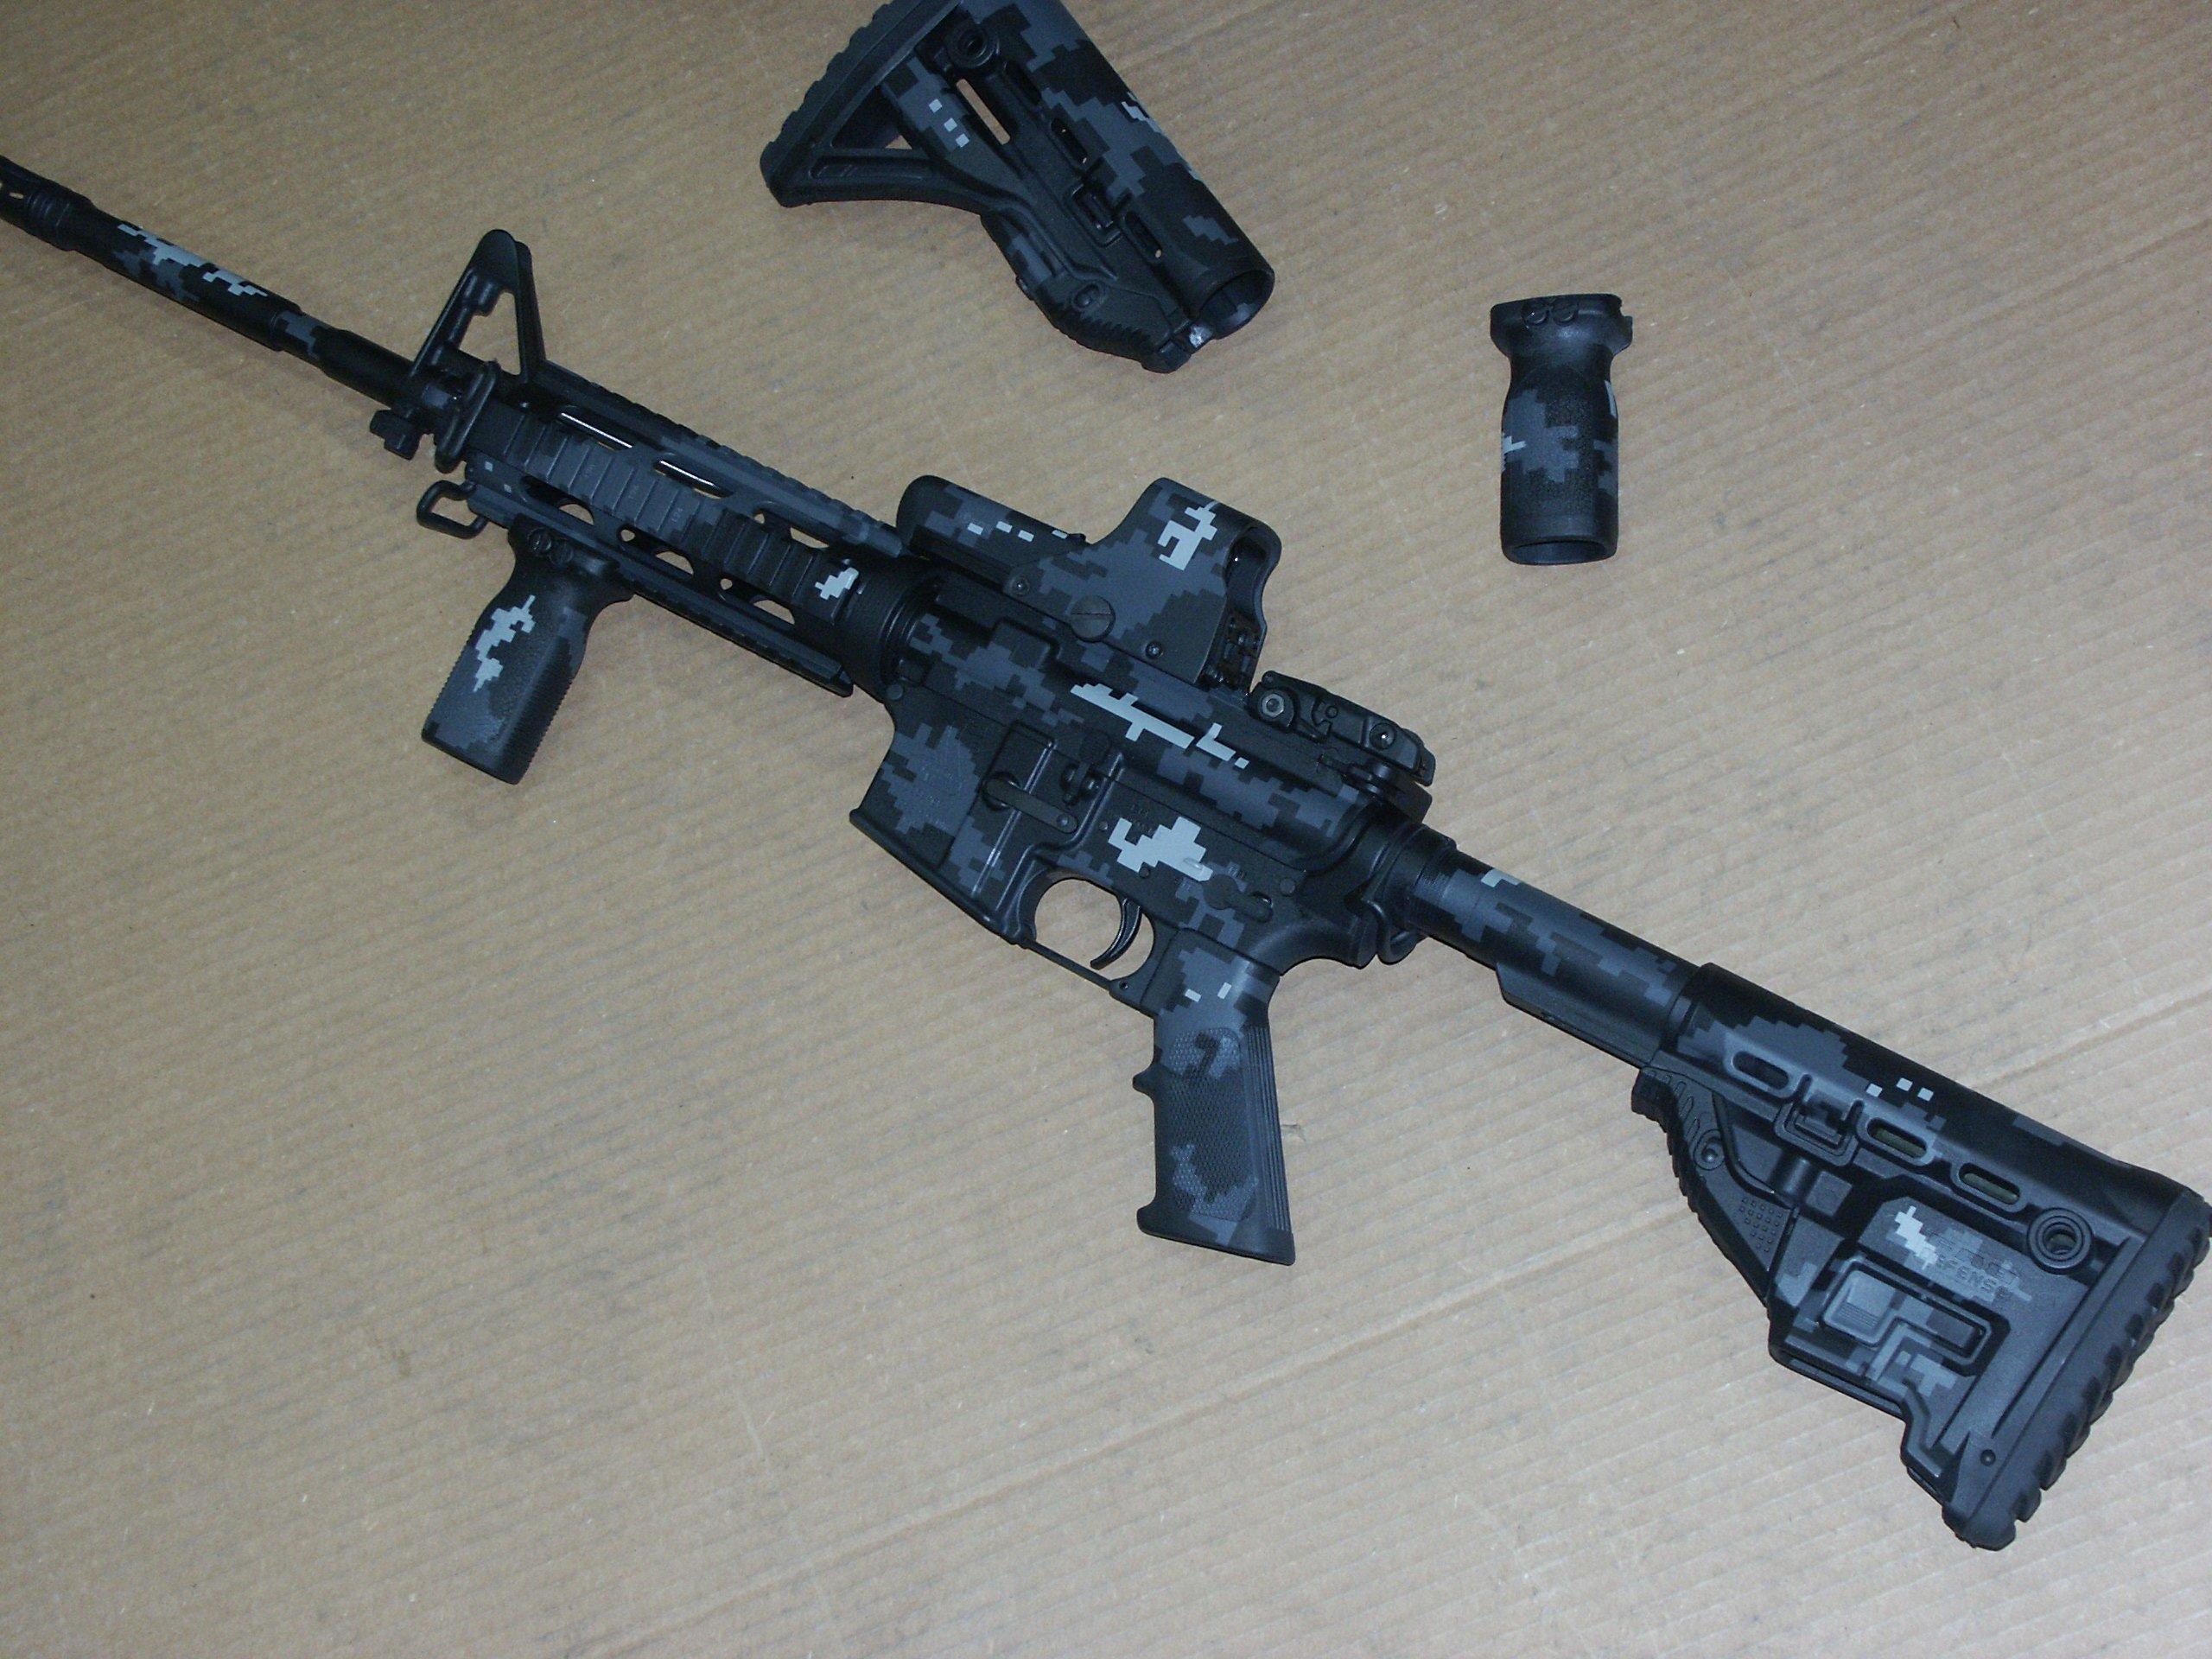 AR-15 Urban Digital Camouflage